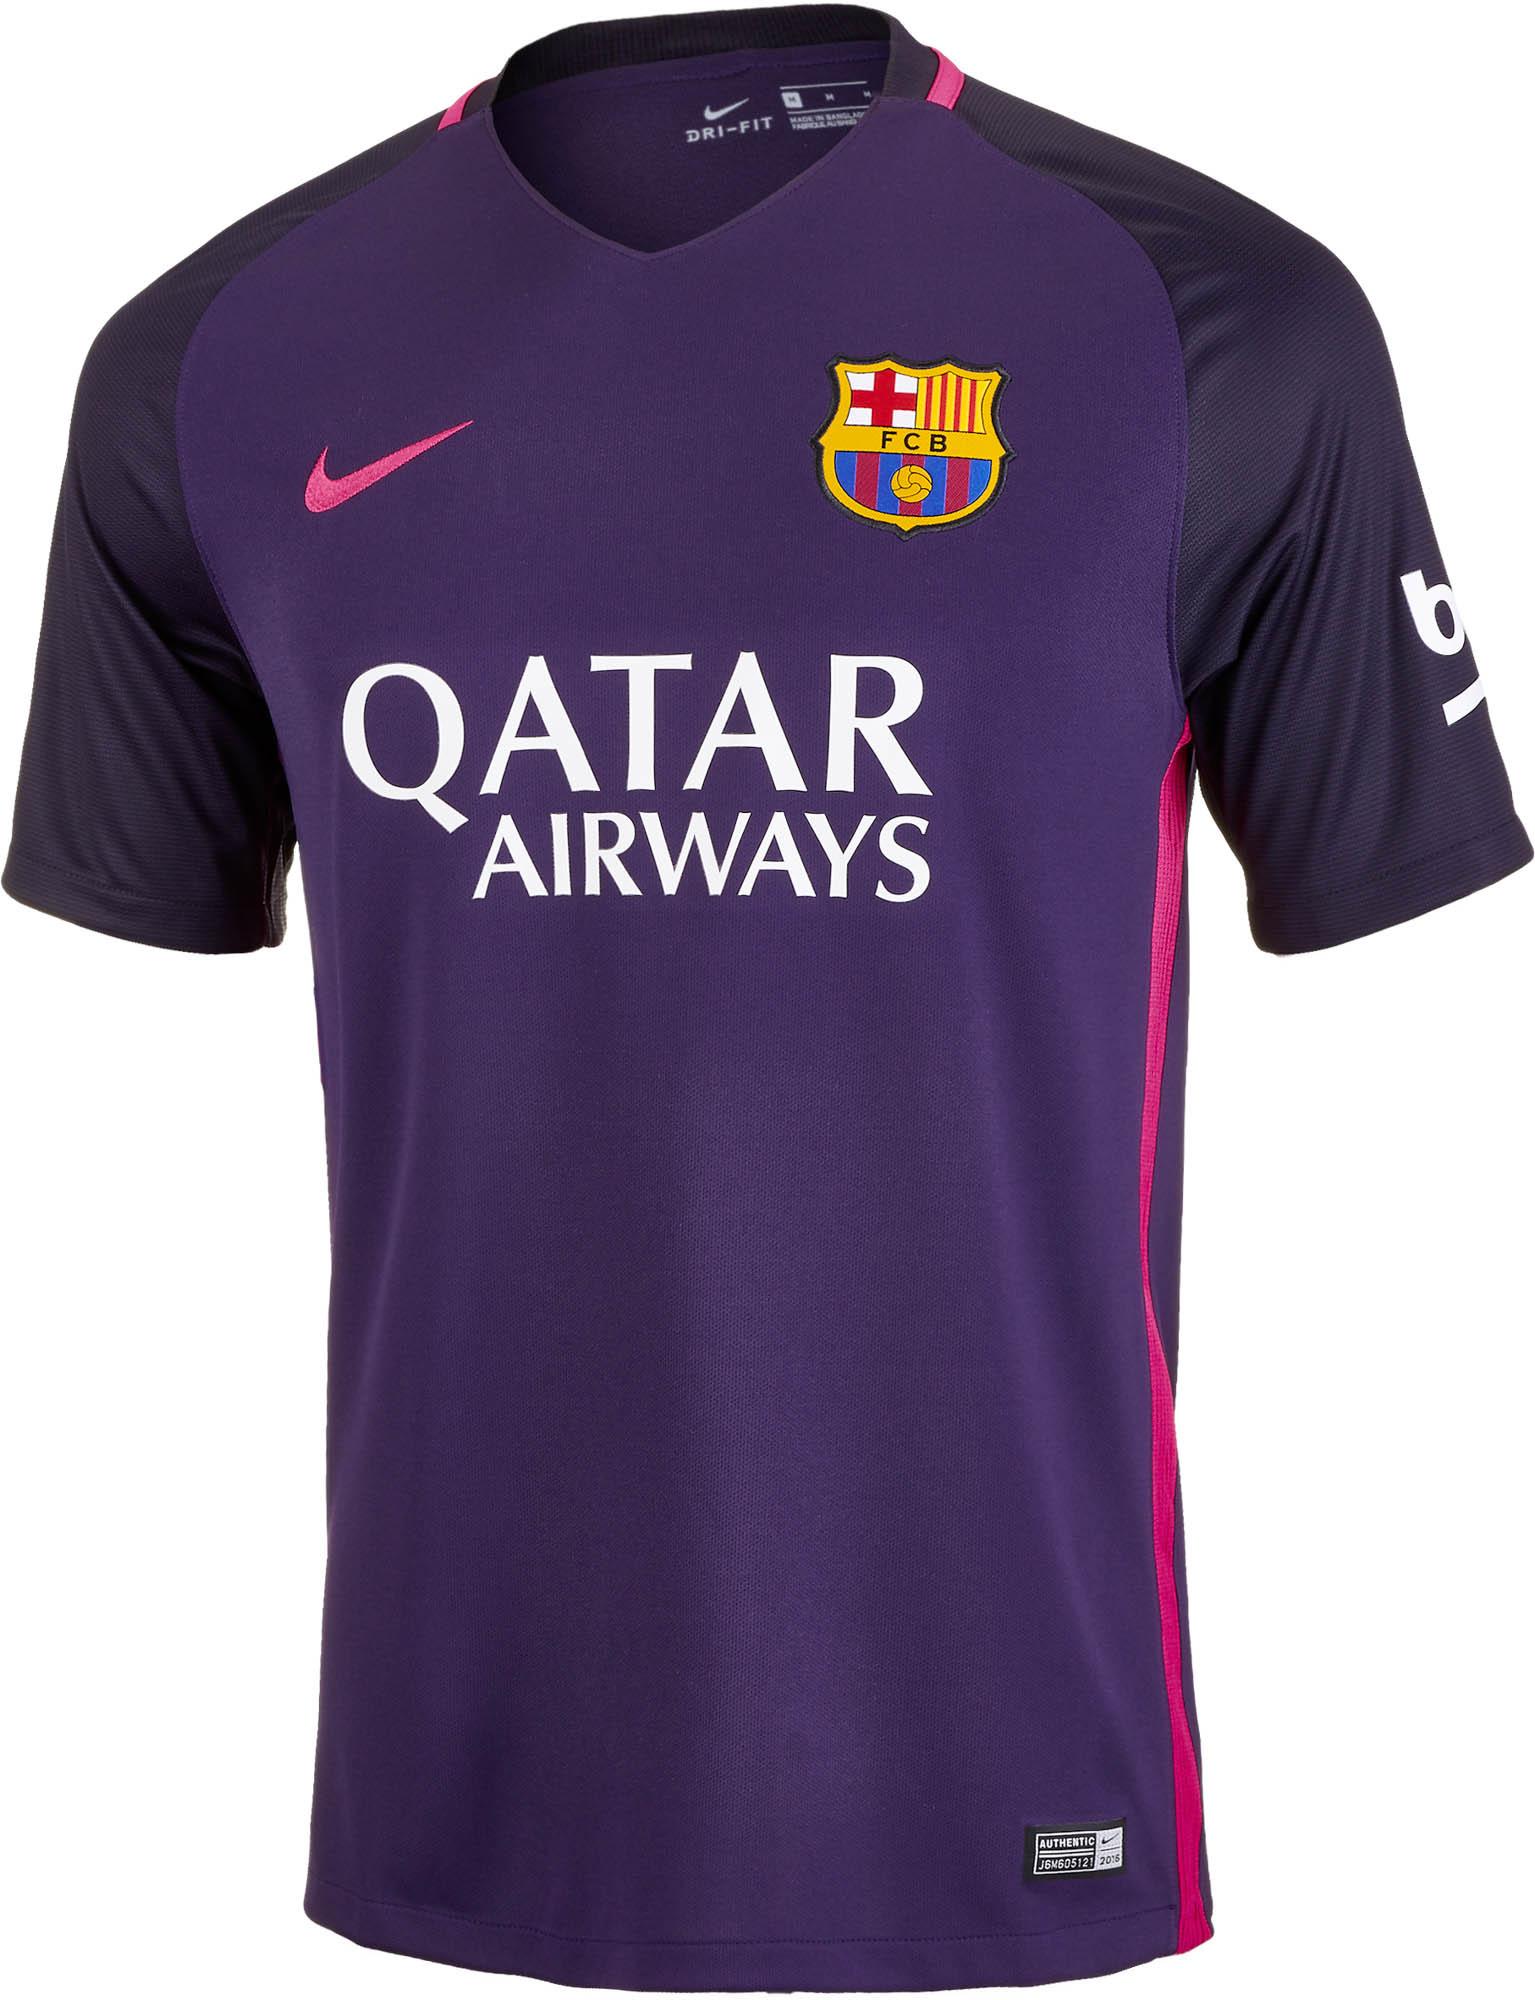 meet 6609b 5d3aa Nike Barcelona Away Jersey 2016-17